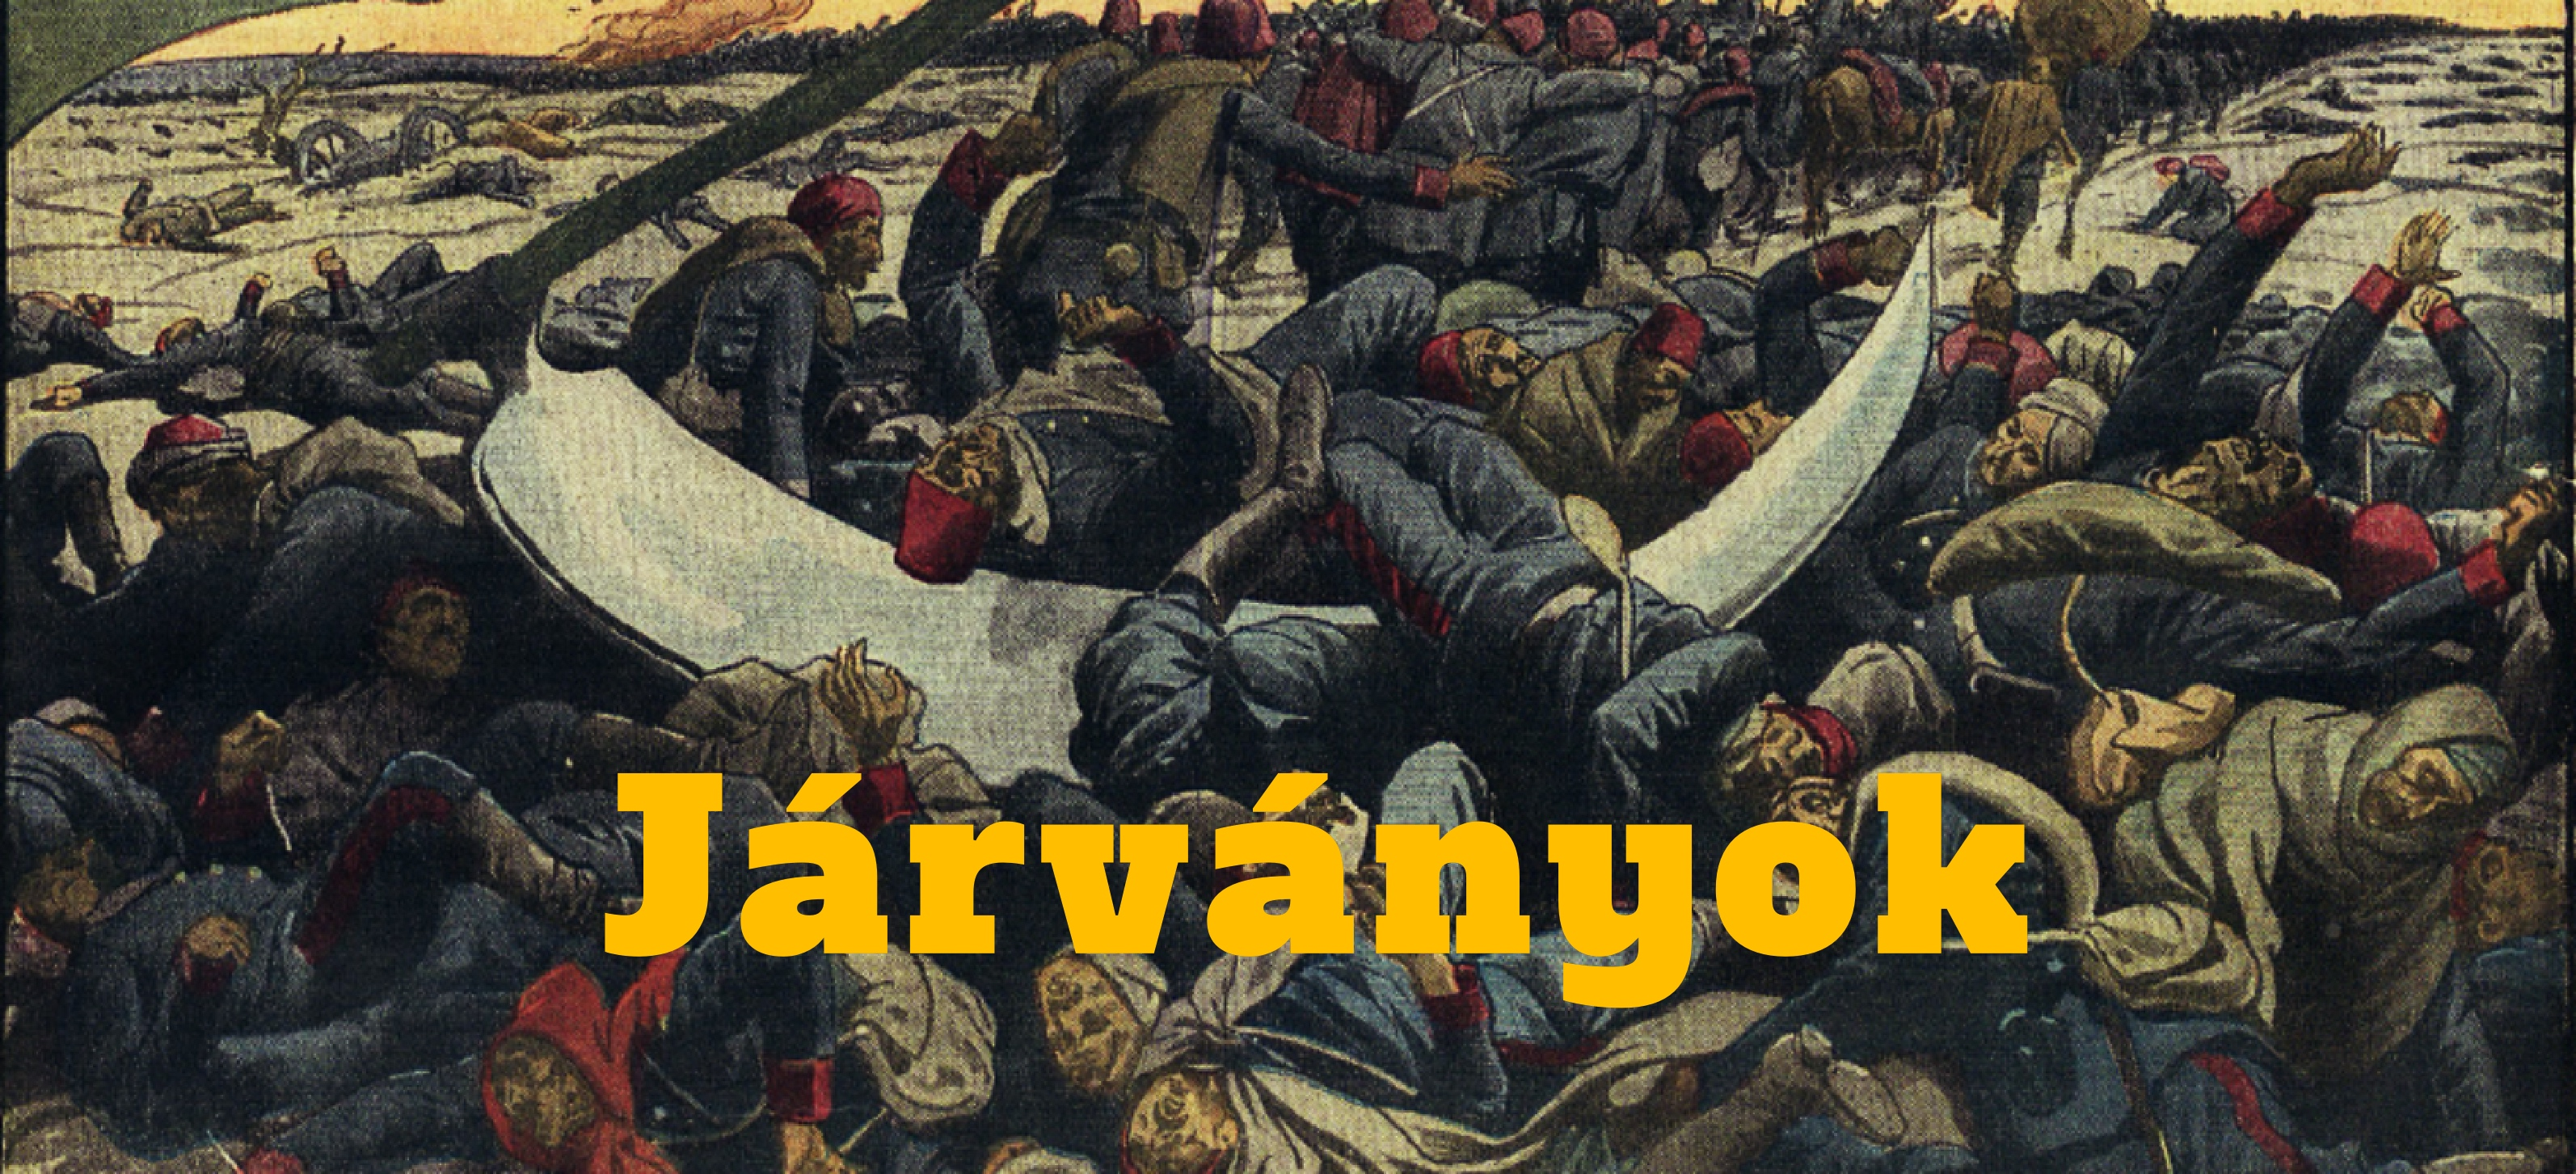 Huszárkarddal a pestis ellen – Magyar emigránsok a nagy marseille-i pestisjárvány idején